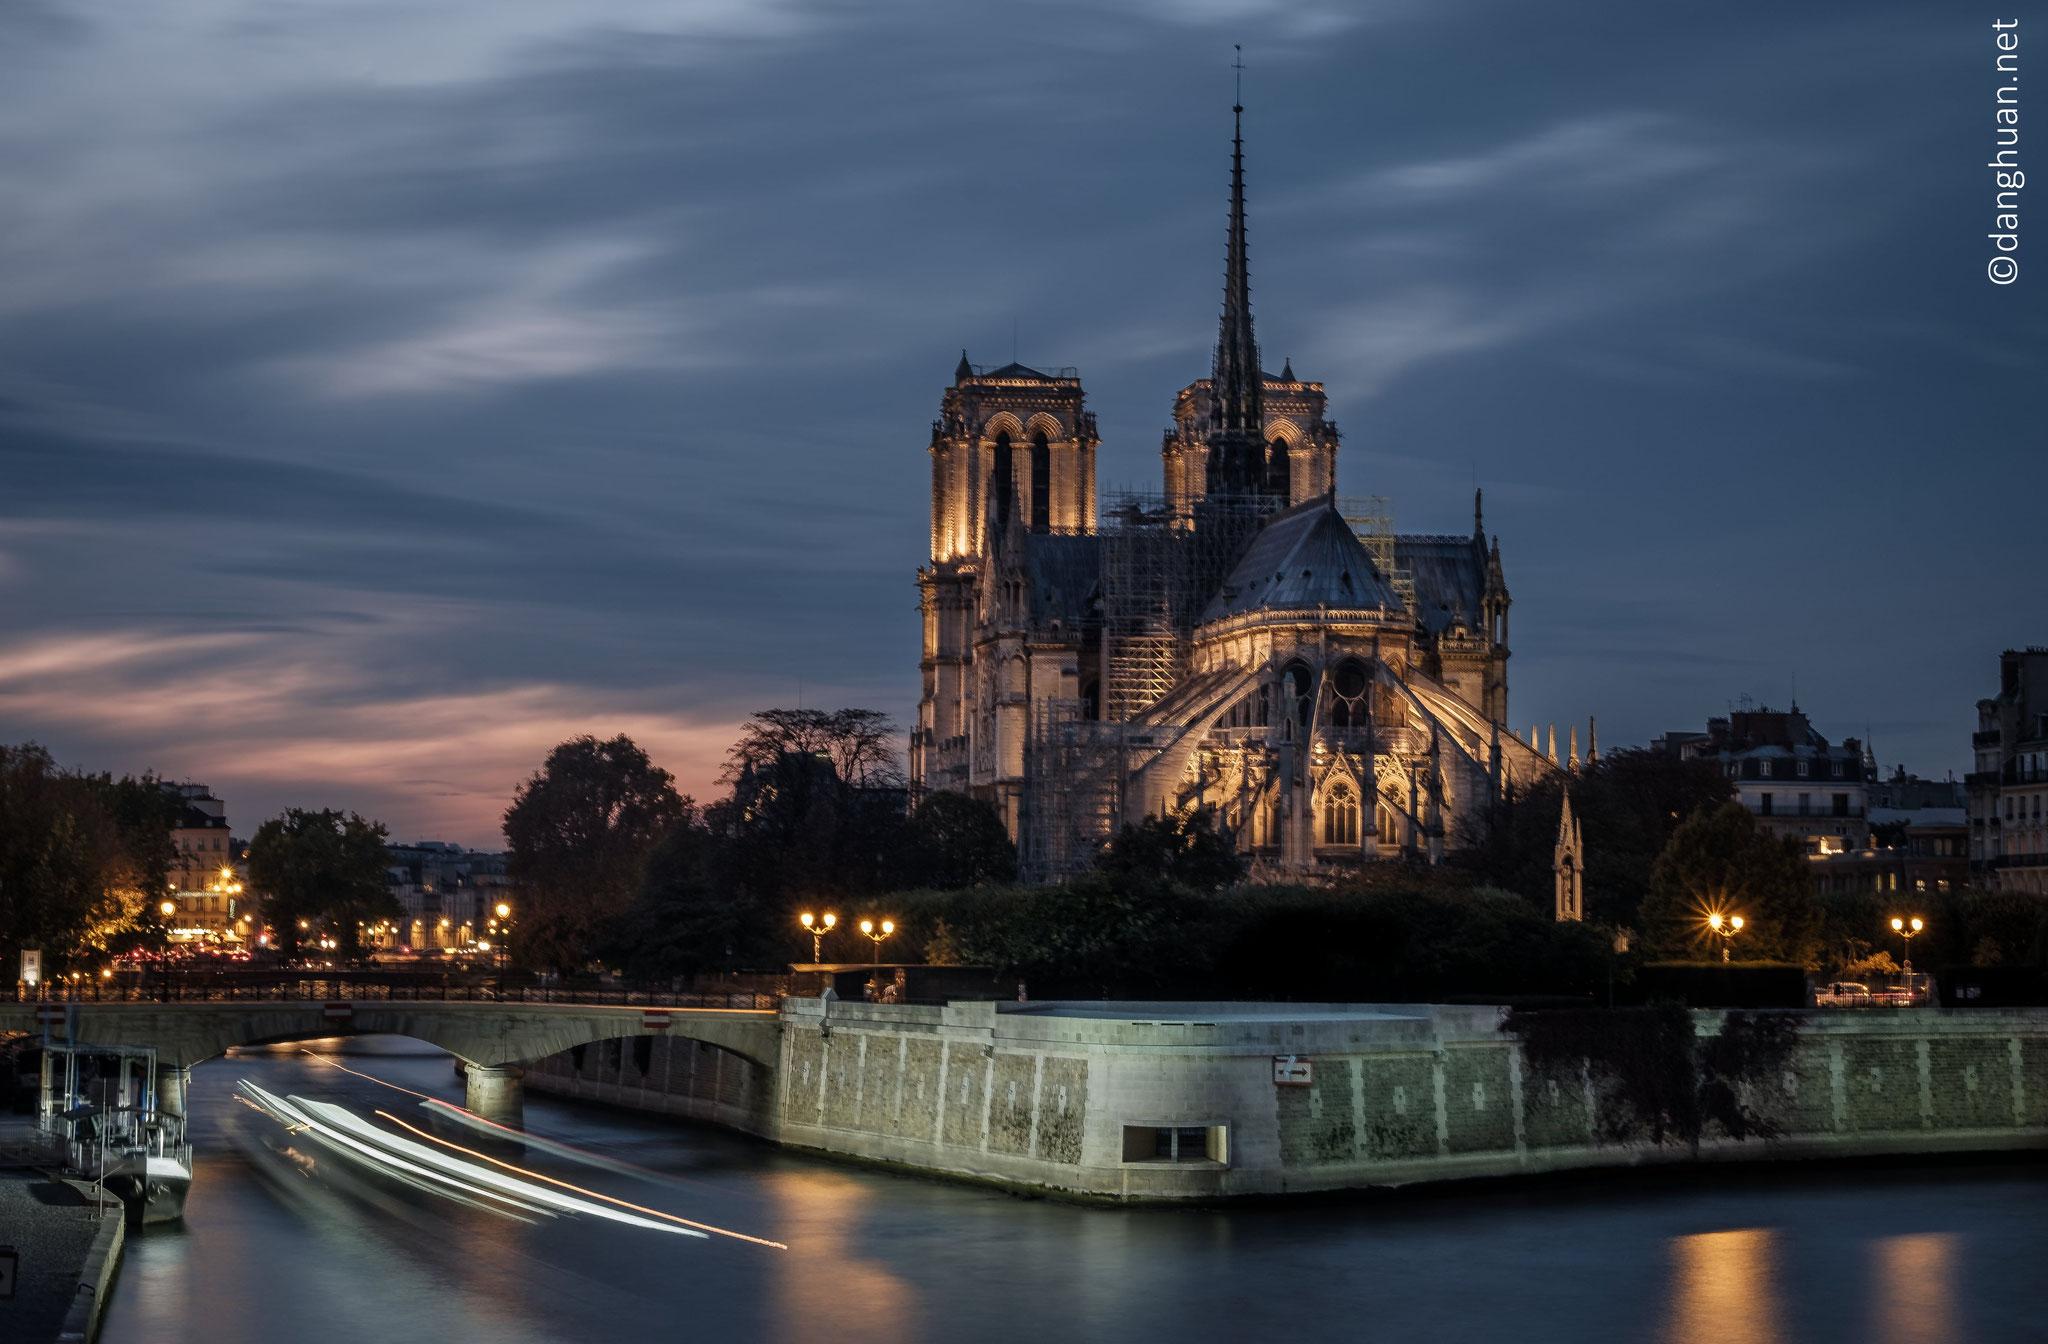 Notre Dame de Paris 5 mois avant l'incendie du 15 Avril 2019